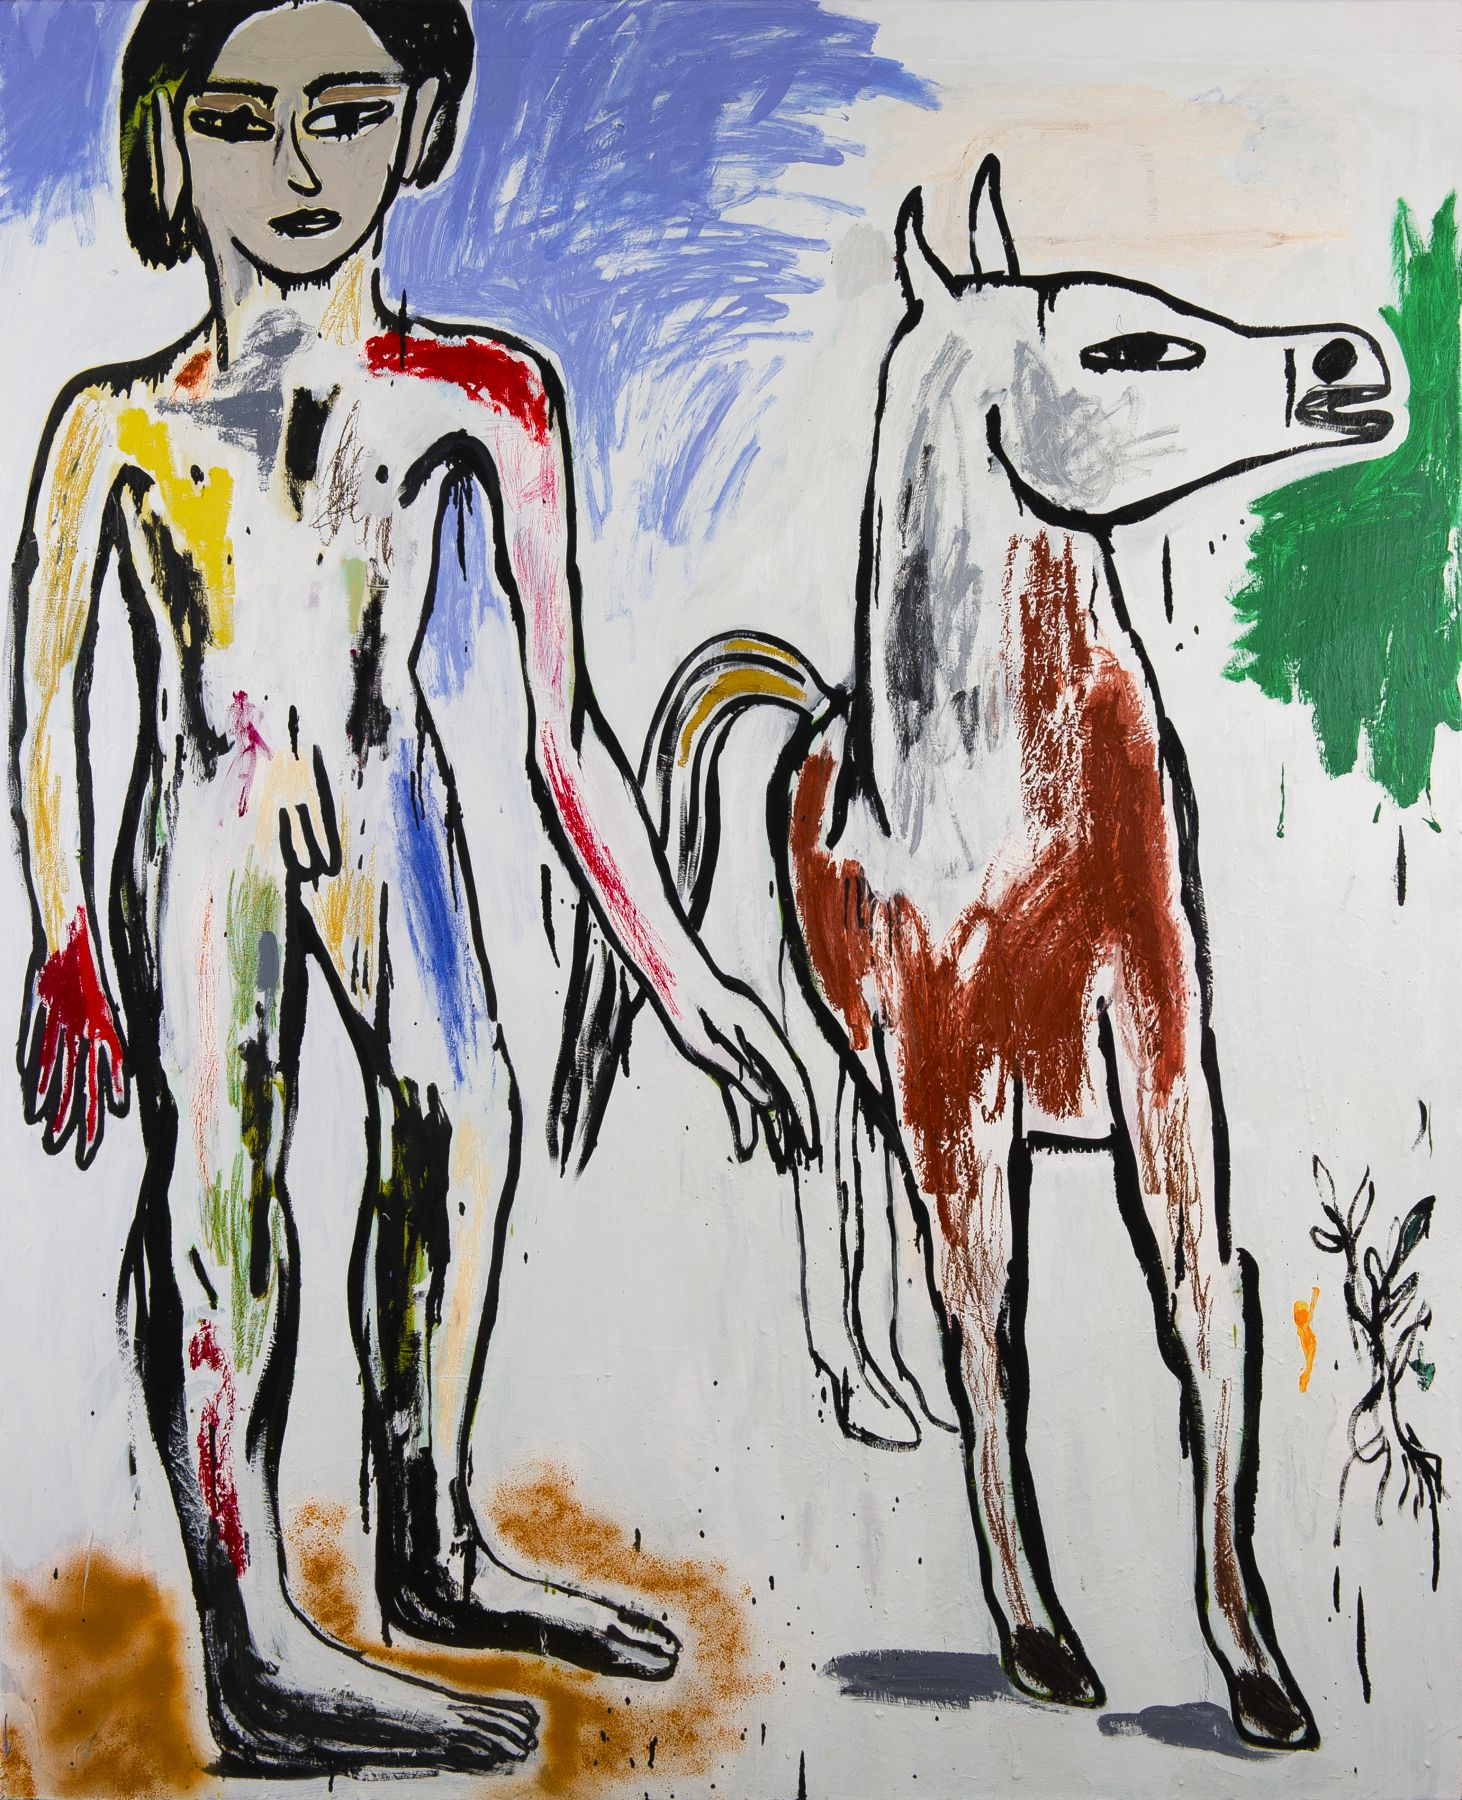 Cristina de Miguel, Boy Leading a Horse, 2016